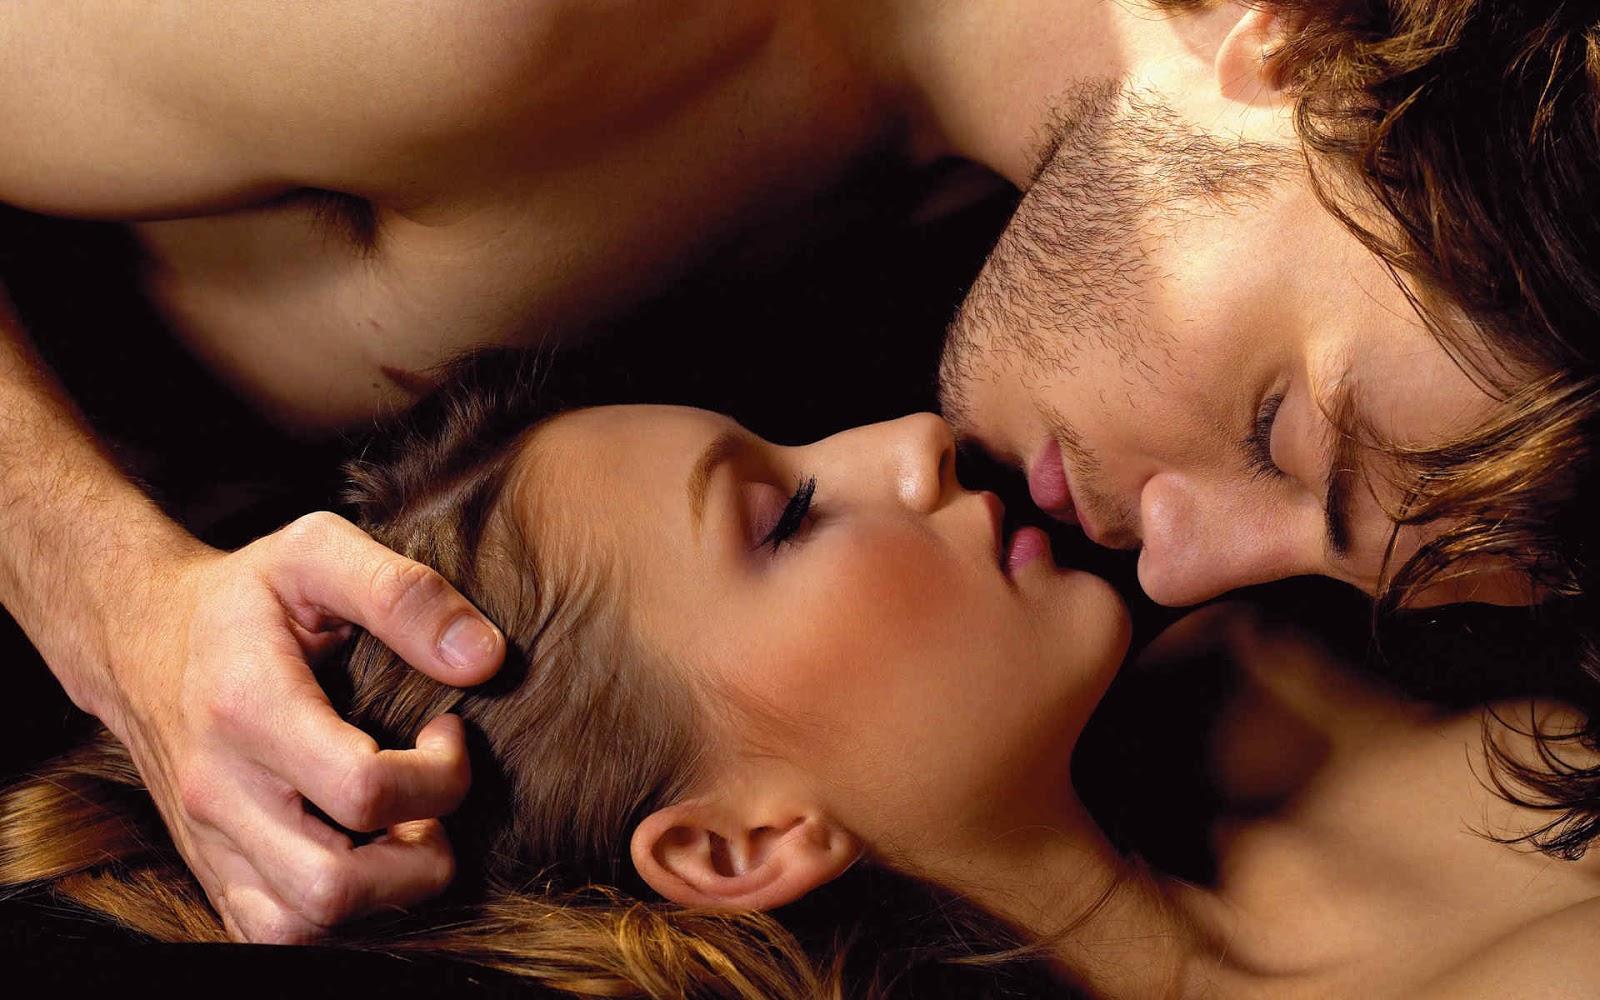 Просмотор бесплатно секс, Порно видео онлайн бесплатно без регистрации 6 фотография